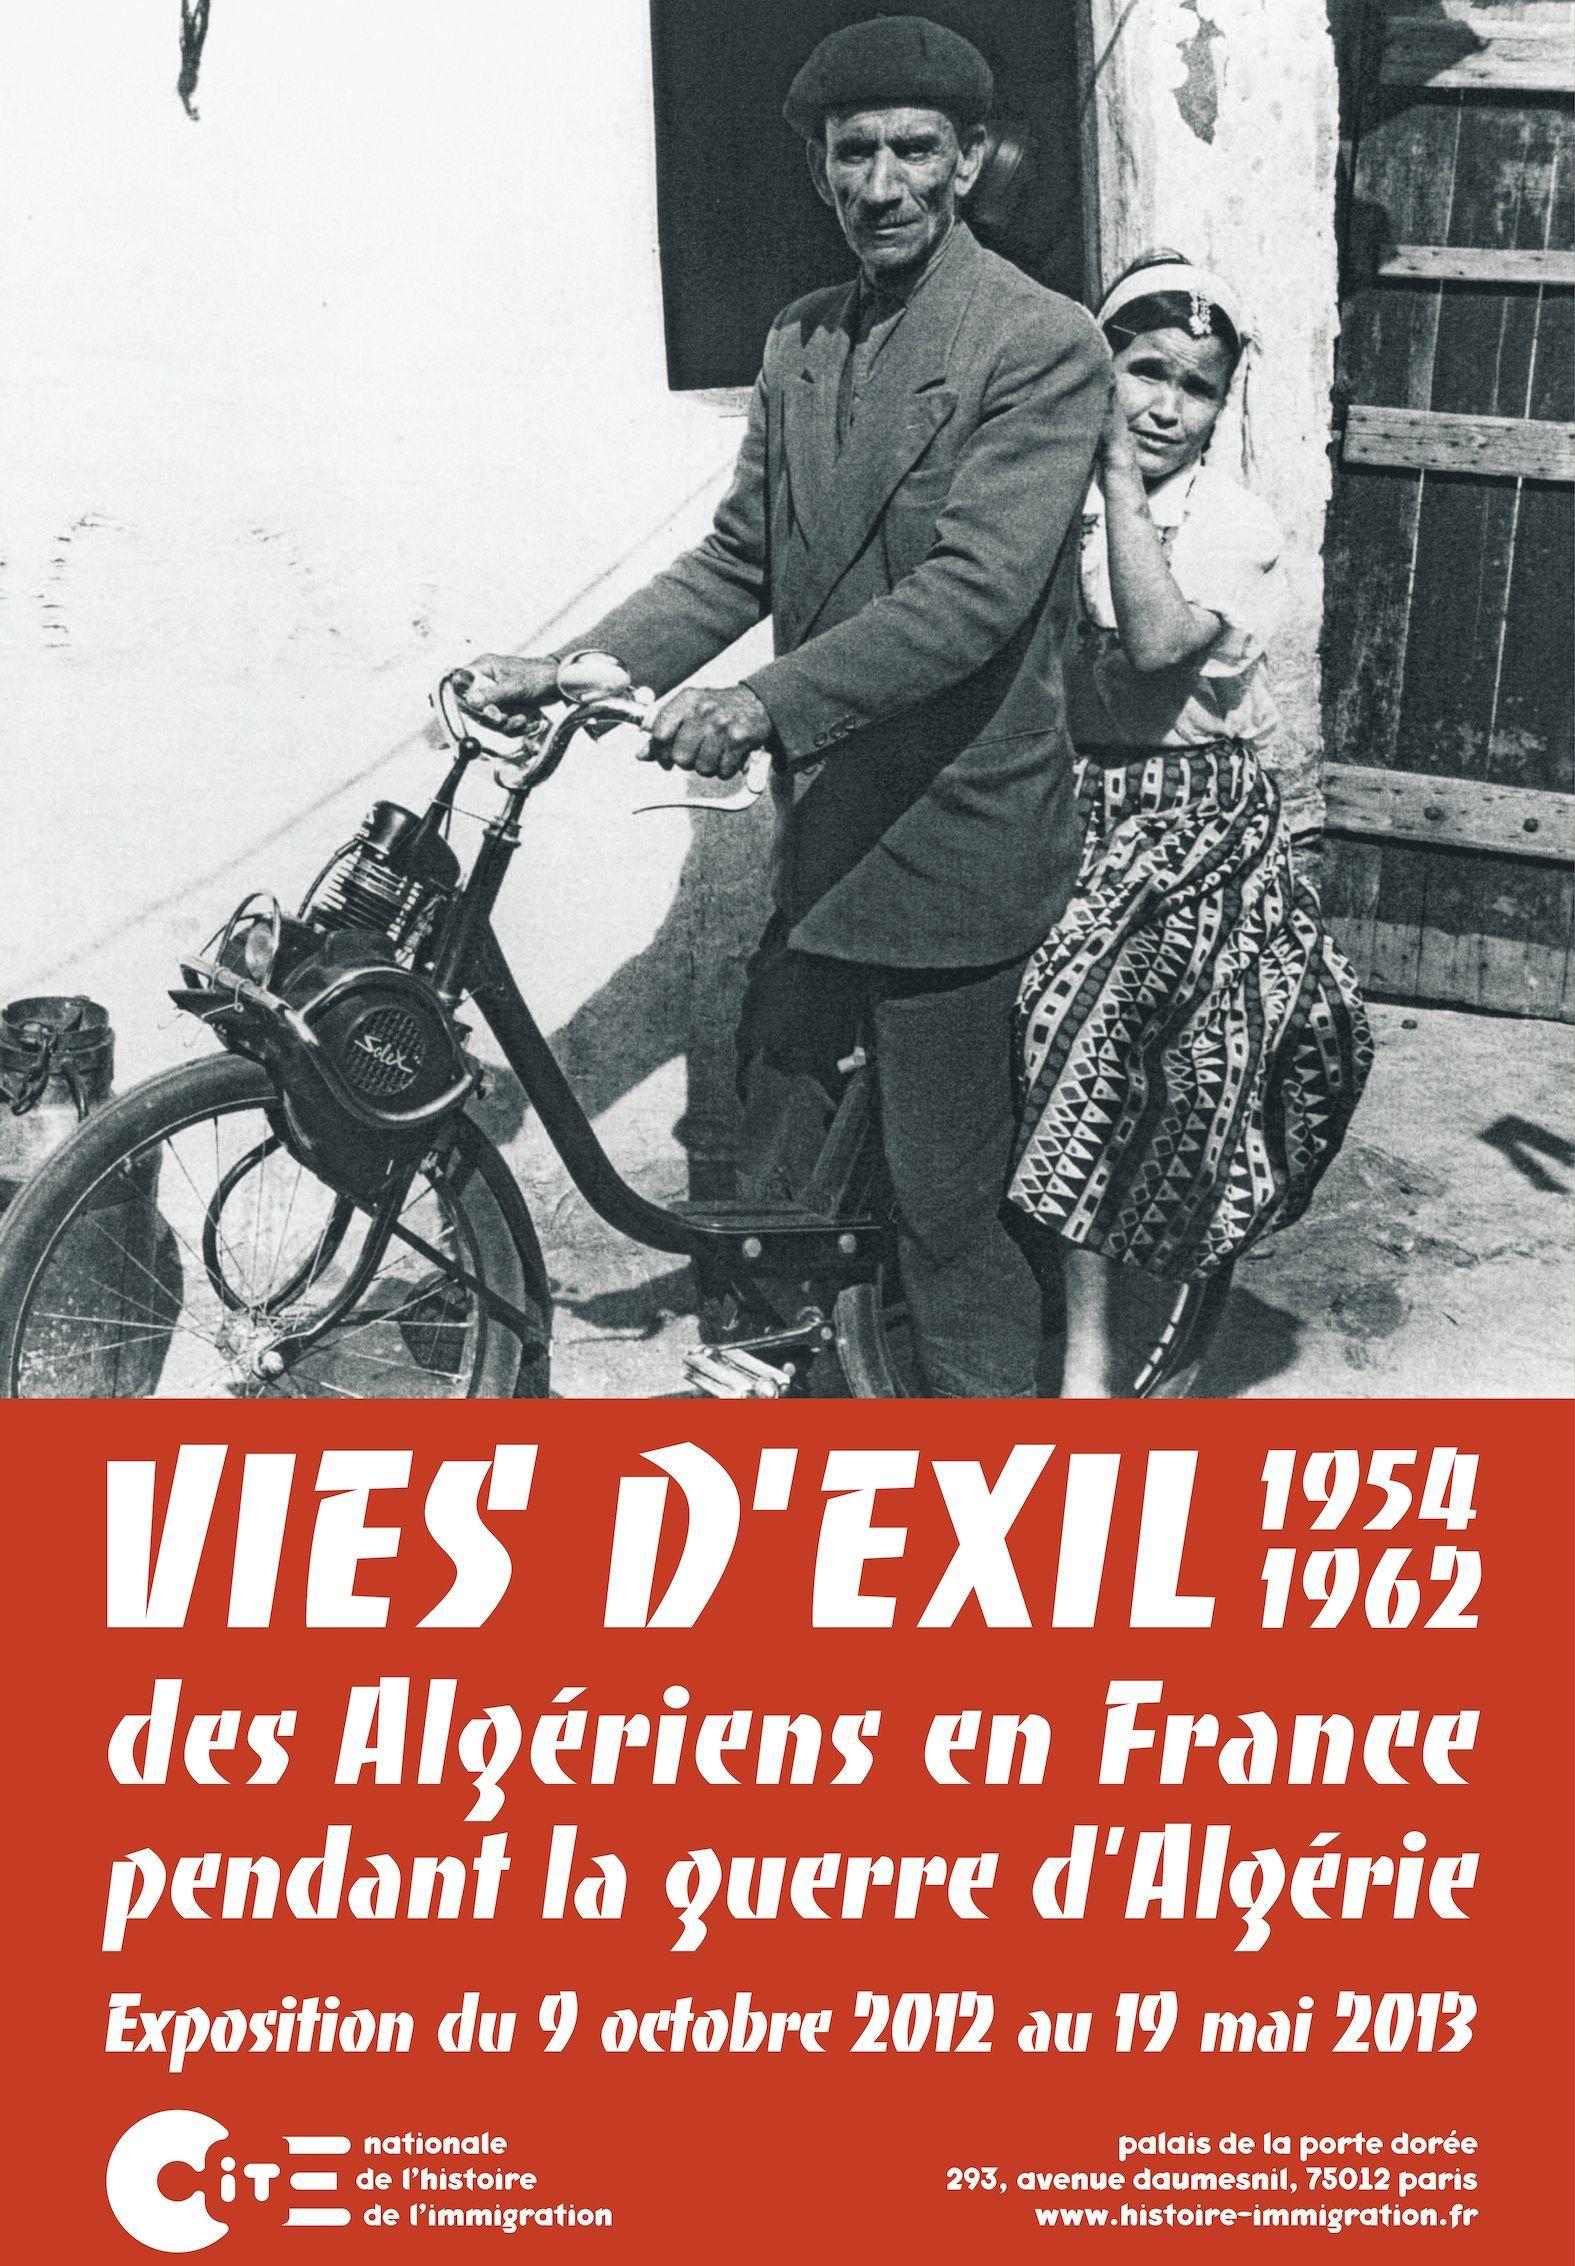 Vies d'exil : des Algériens en France pendant la guerre d'Algérie 1954-1962